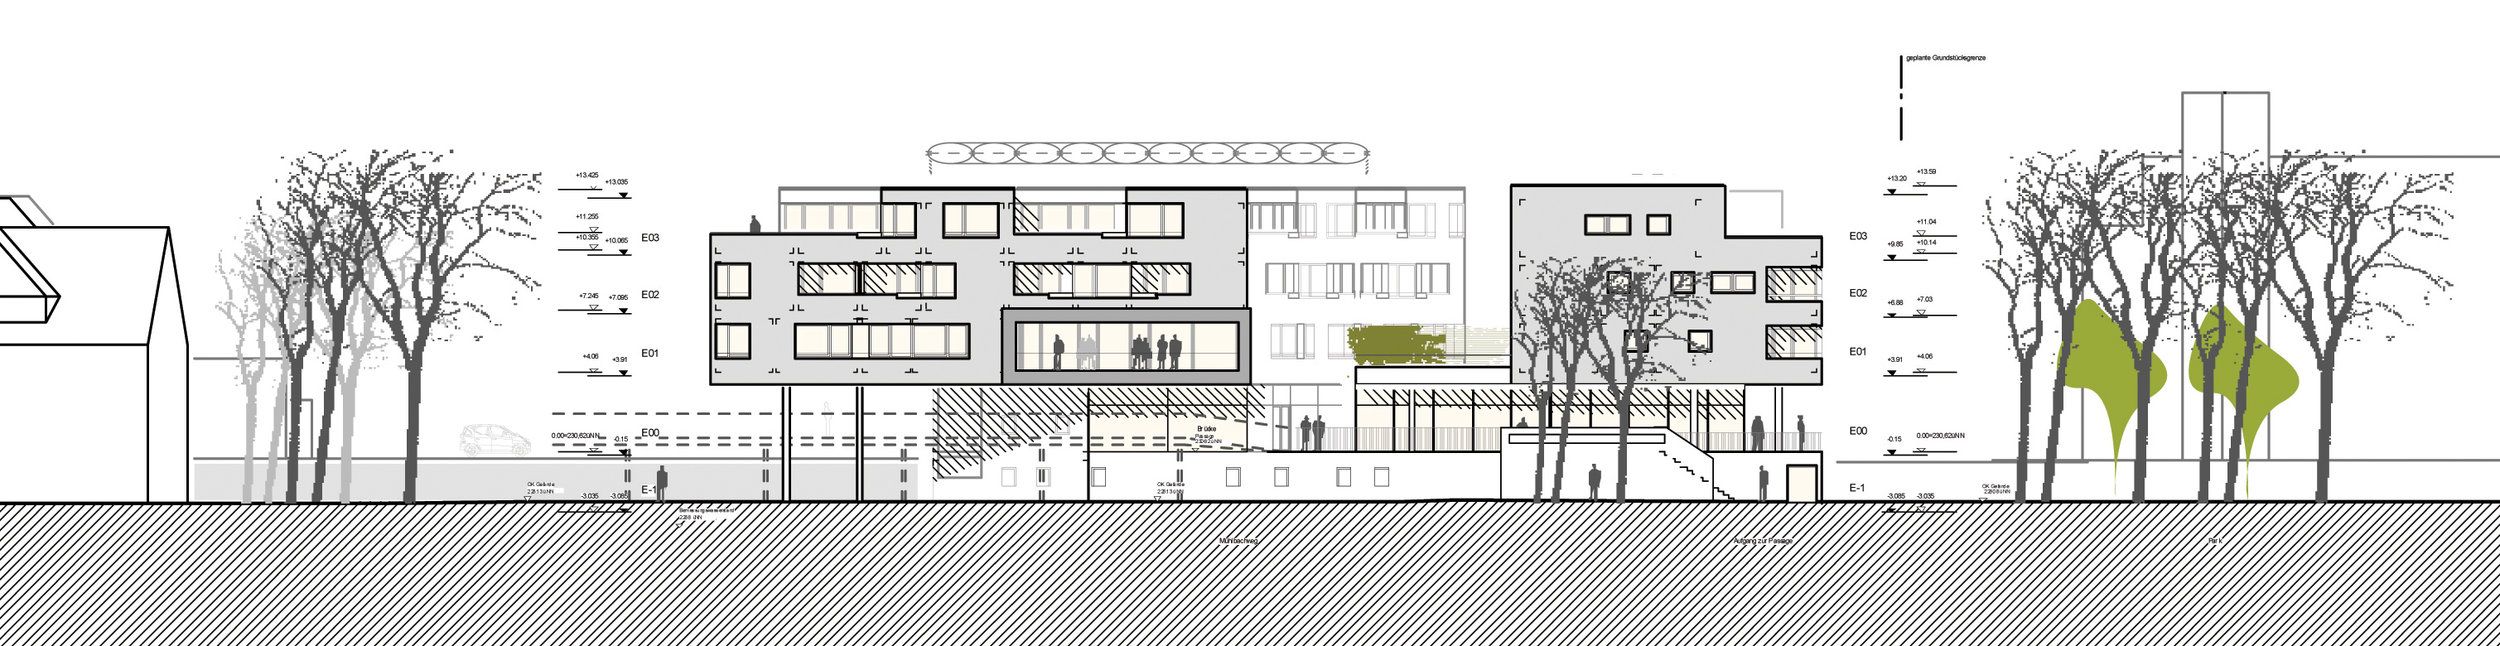 010_nord_facade.jpg